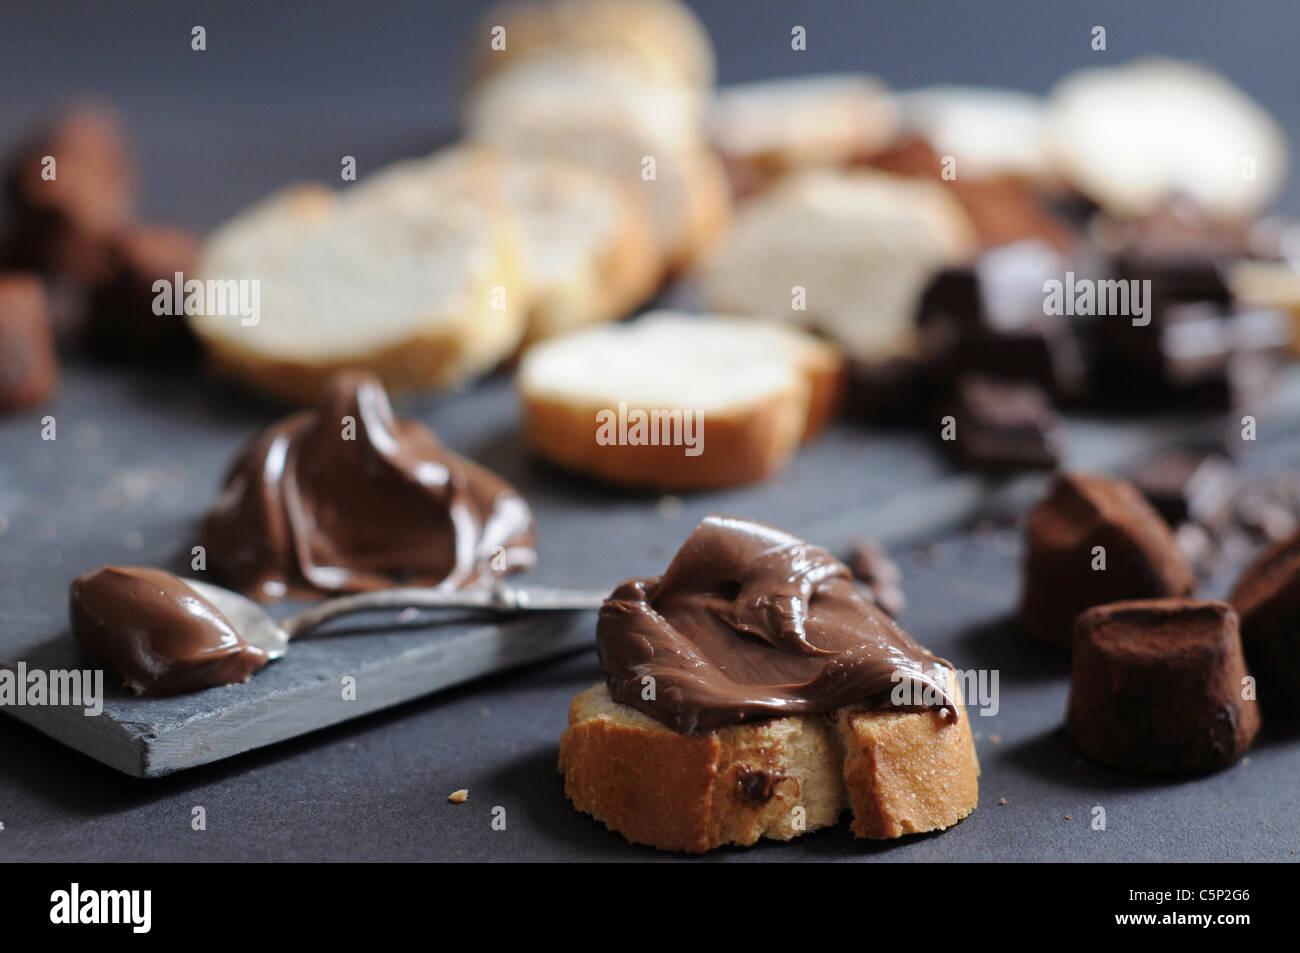 Tranches de baguette avec la crème au chocolat, morceaux de chocolat et truffes, poudre d'cokoa Photo Stock